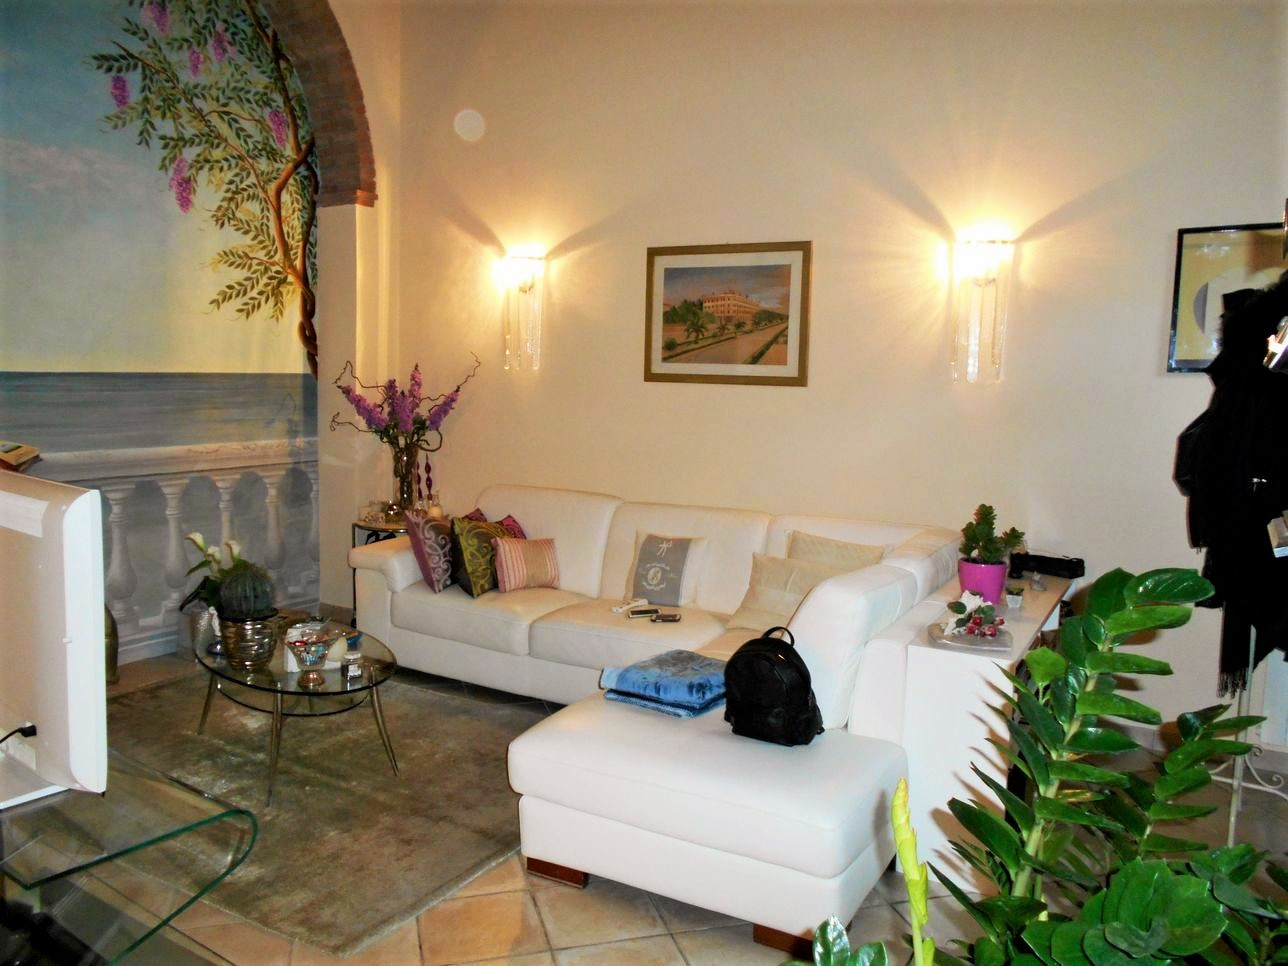 Appartamento in vendita a Seravezza, 6 locali, zona Zona: Querceta, prezzo € 500.000 | CambioCasa.it